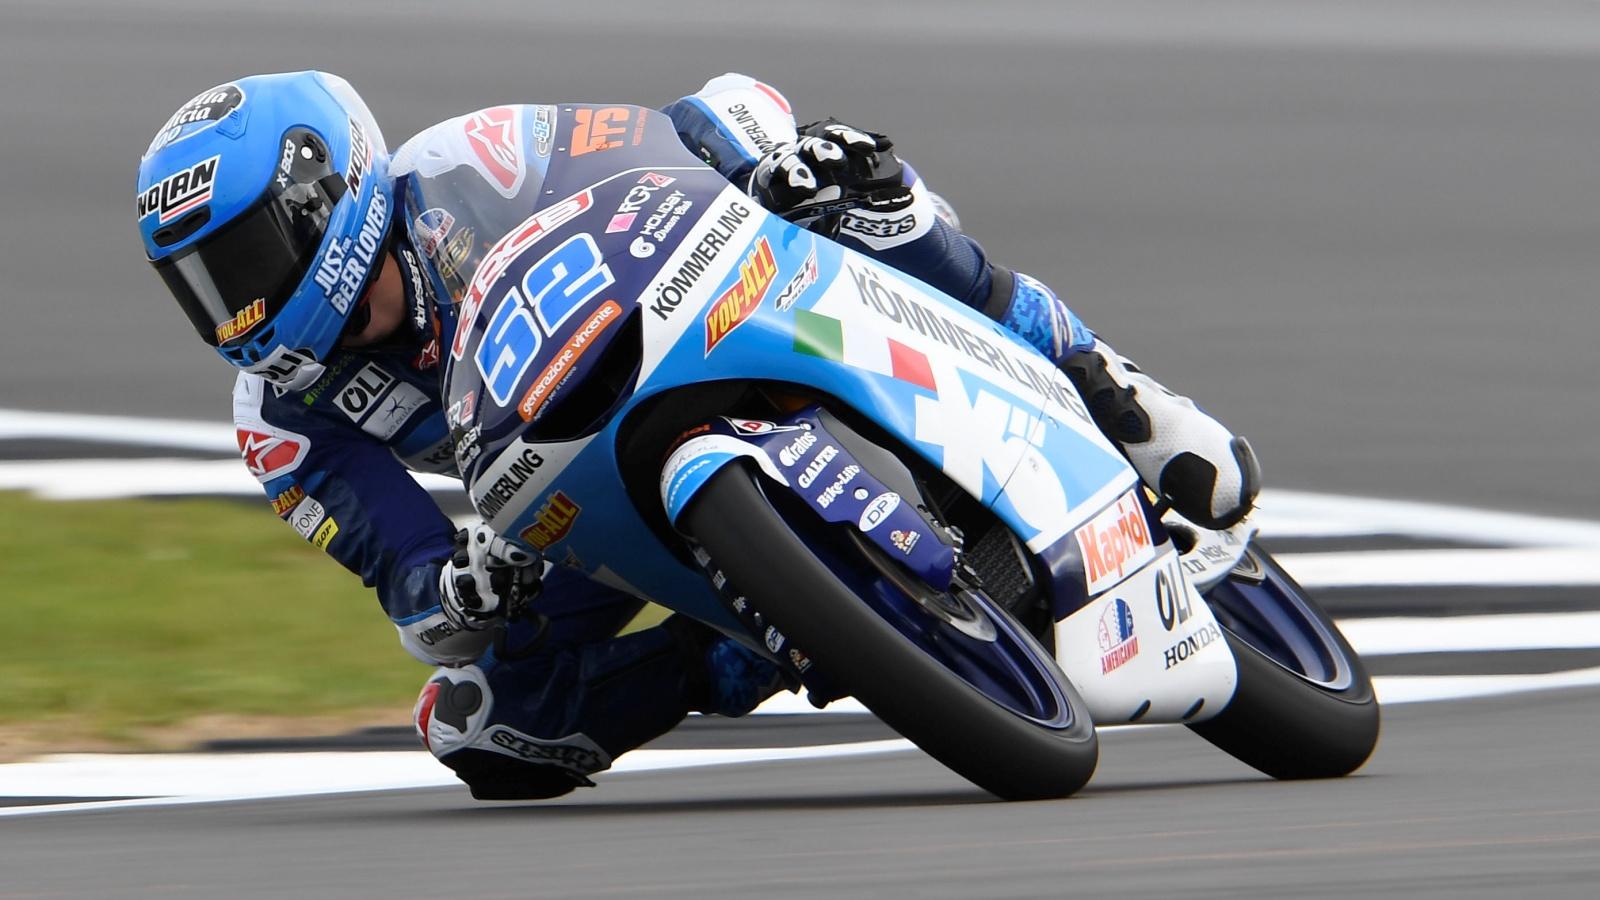 Jeremy Alcoba saltará al Mundial de Moto3 en 2020 con el Gresini Racing